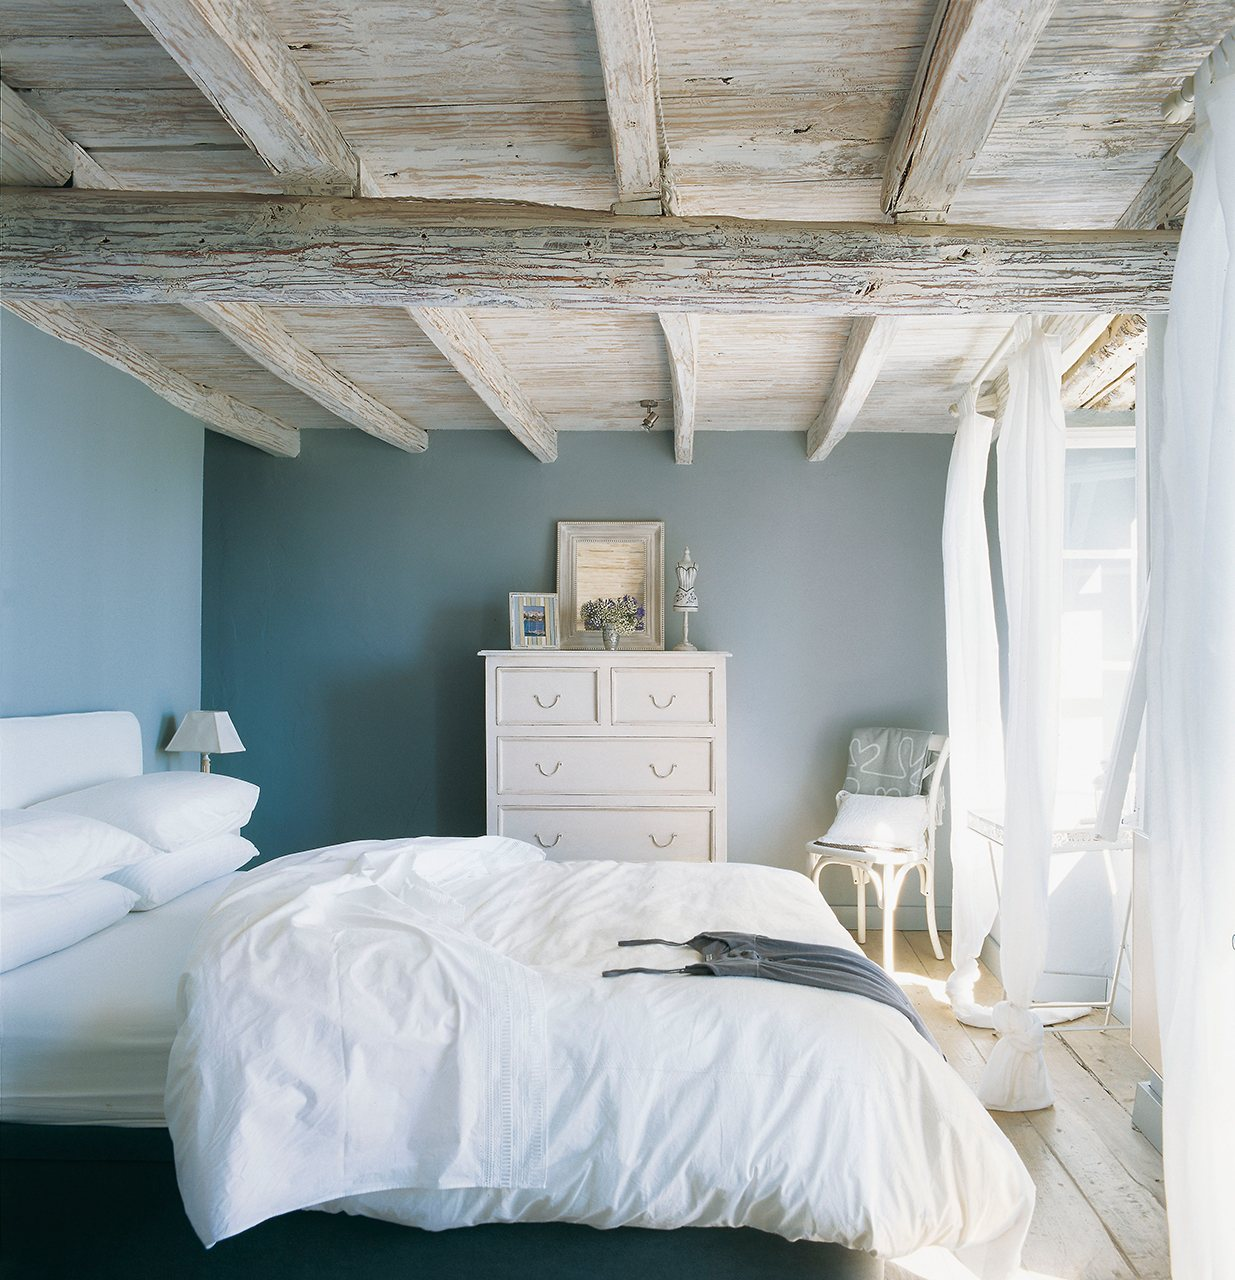 Transforma tu casa con la pintura - Como pintar techos ...